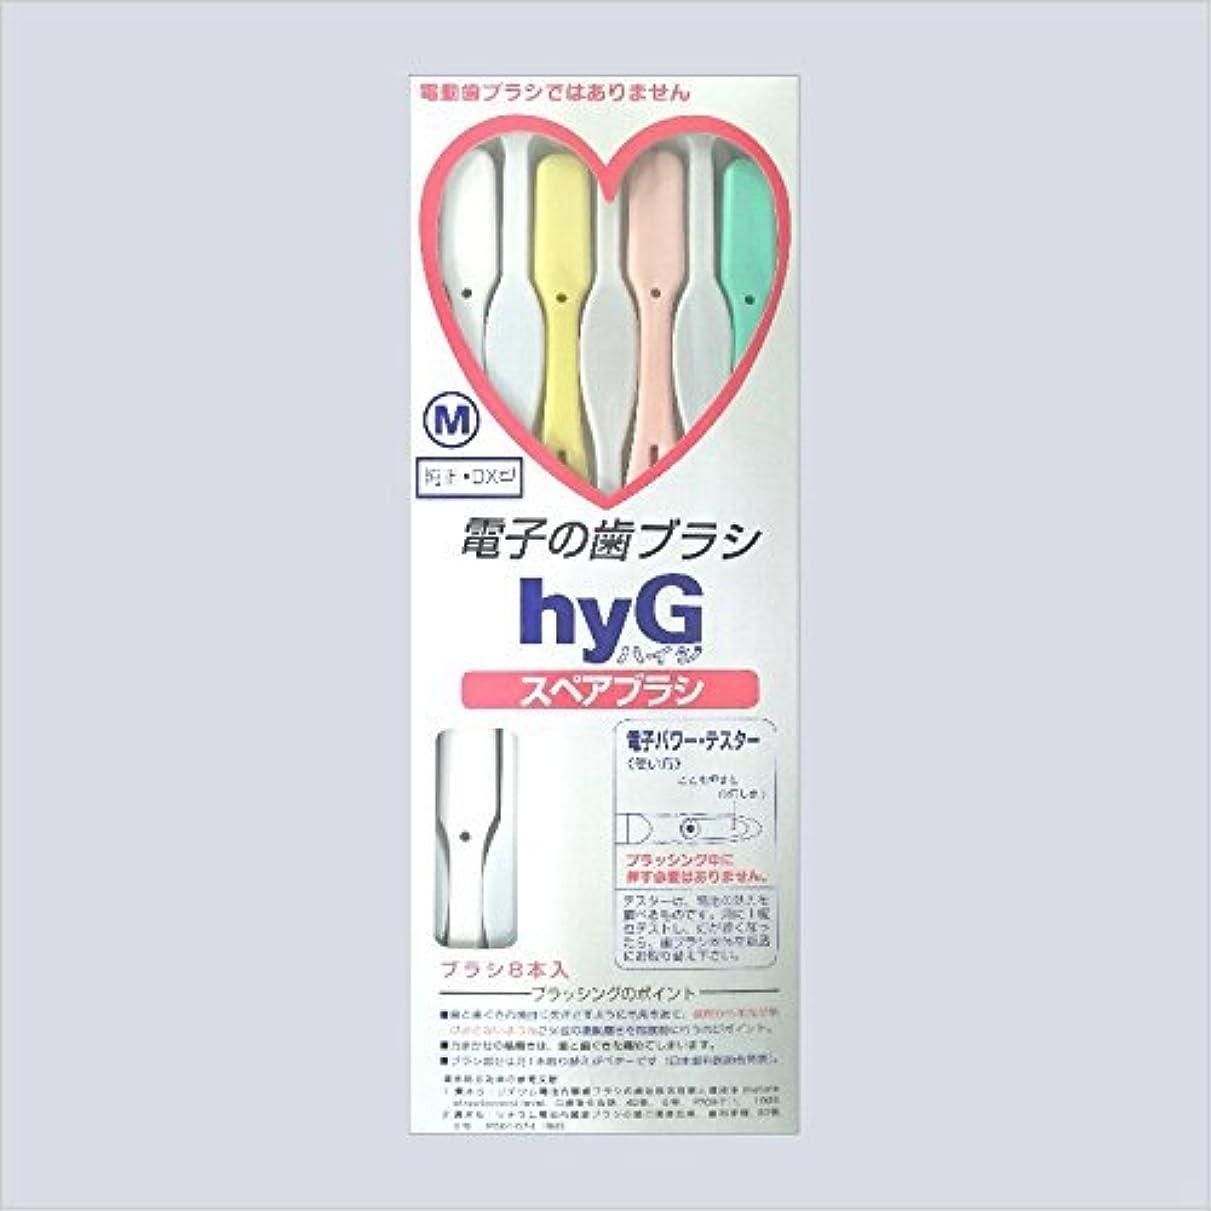 服処理するマーク電子の歯ブラシ ハイジ(hyG)?スペアブラシ <ブラシの硬さ:Hかため> (※こちらは「スペアブラシ」です )?hyG-DX型